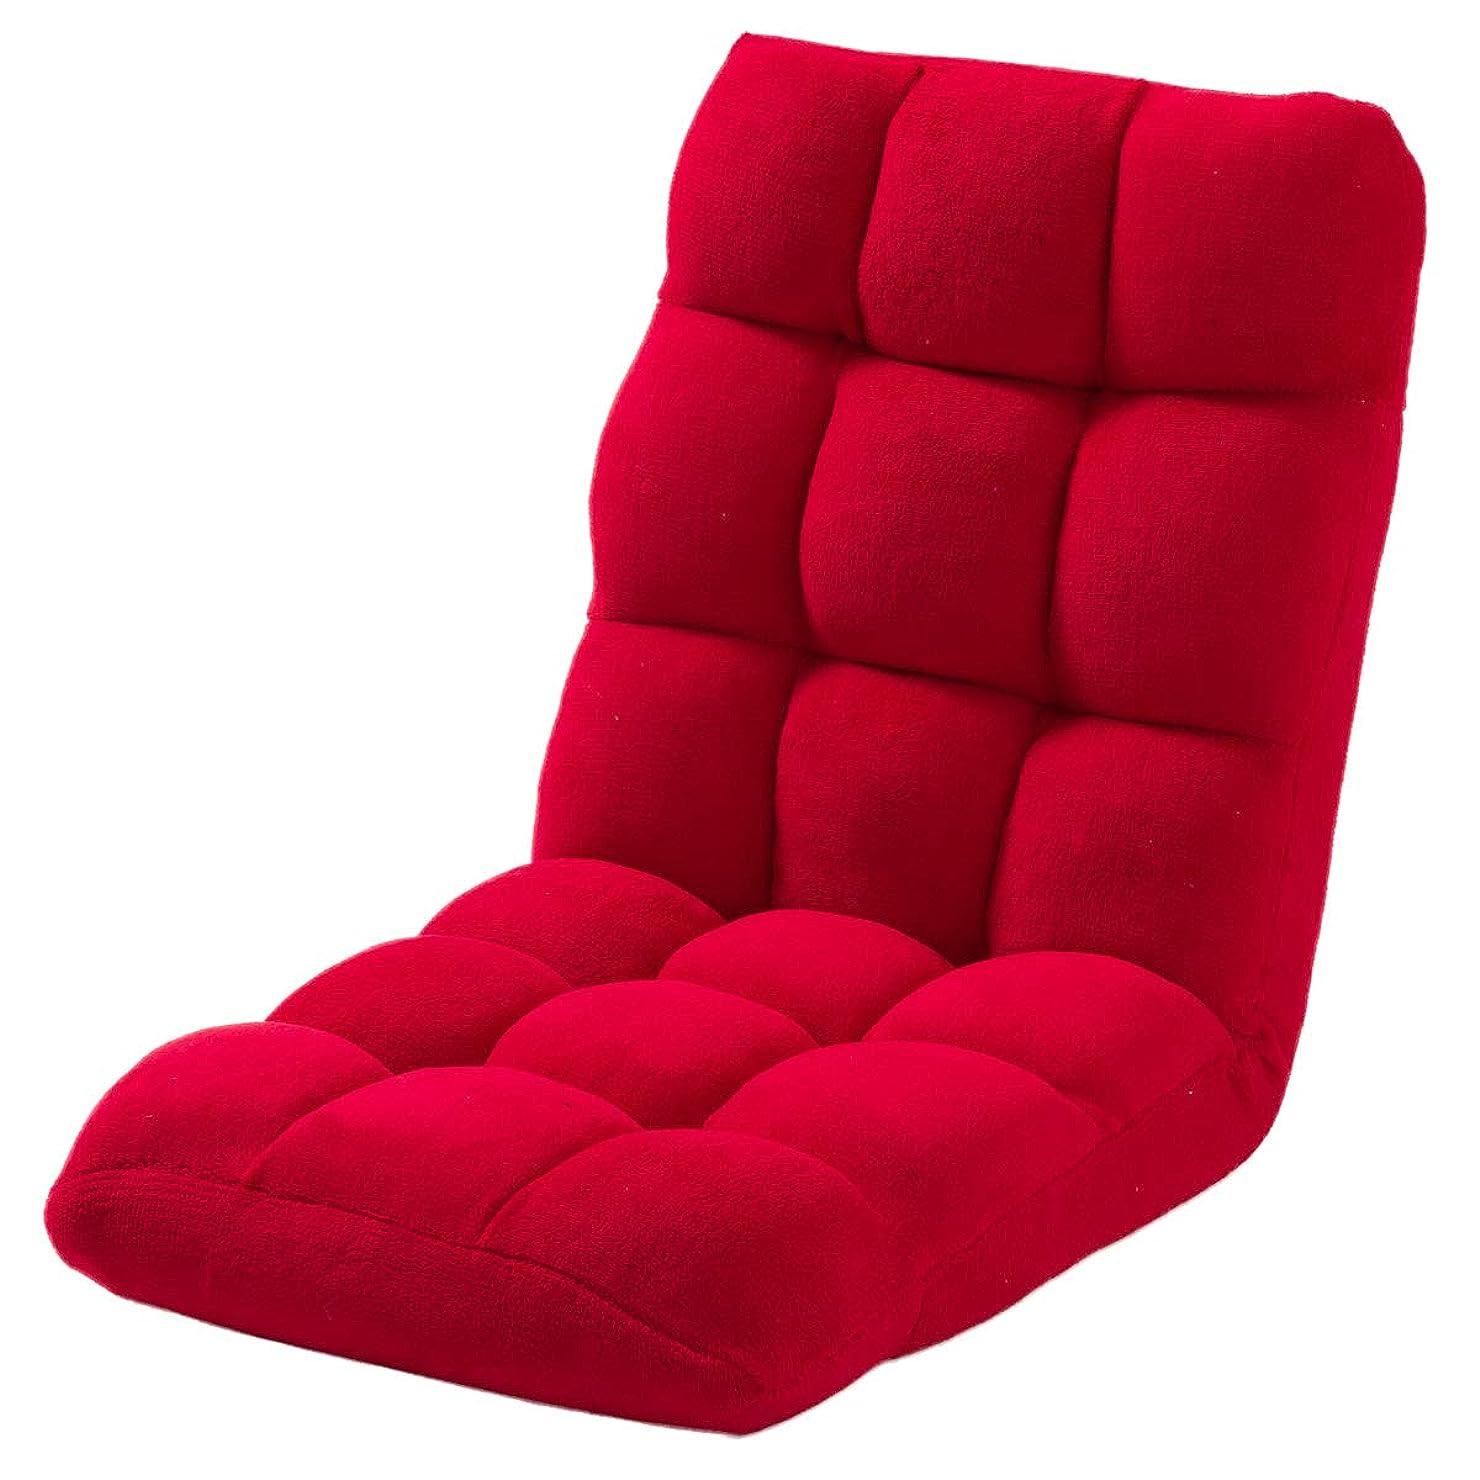 狂人飼料そのような【気持ち良いベルベットの手触り】 肉厚ボリューム座椅子 14段階リクライニングもこもこ座いす 気持ちよく座れる3層構造クッション こたつに最適 軽量コンパクト 体にフィット (レッド色)